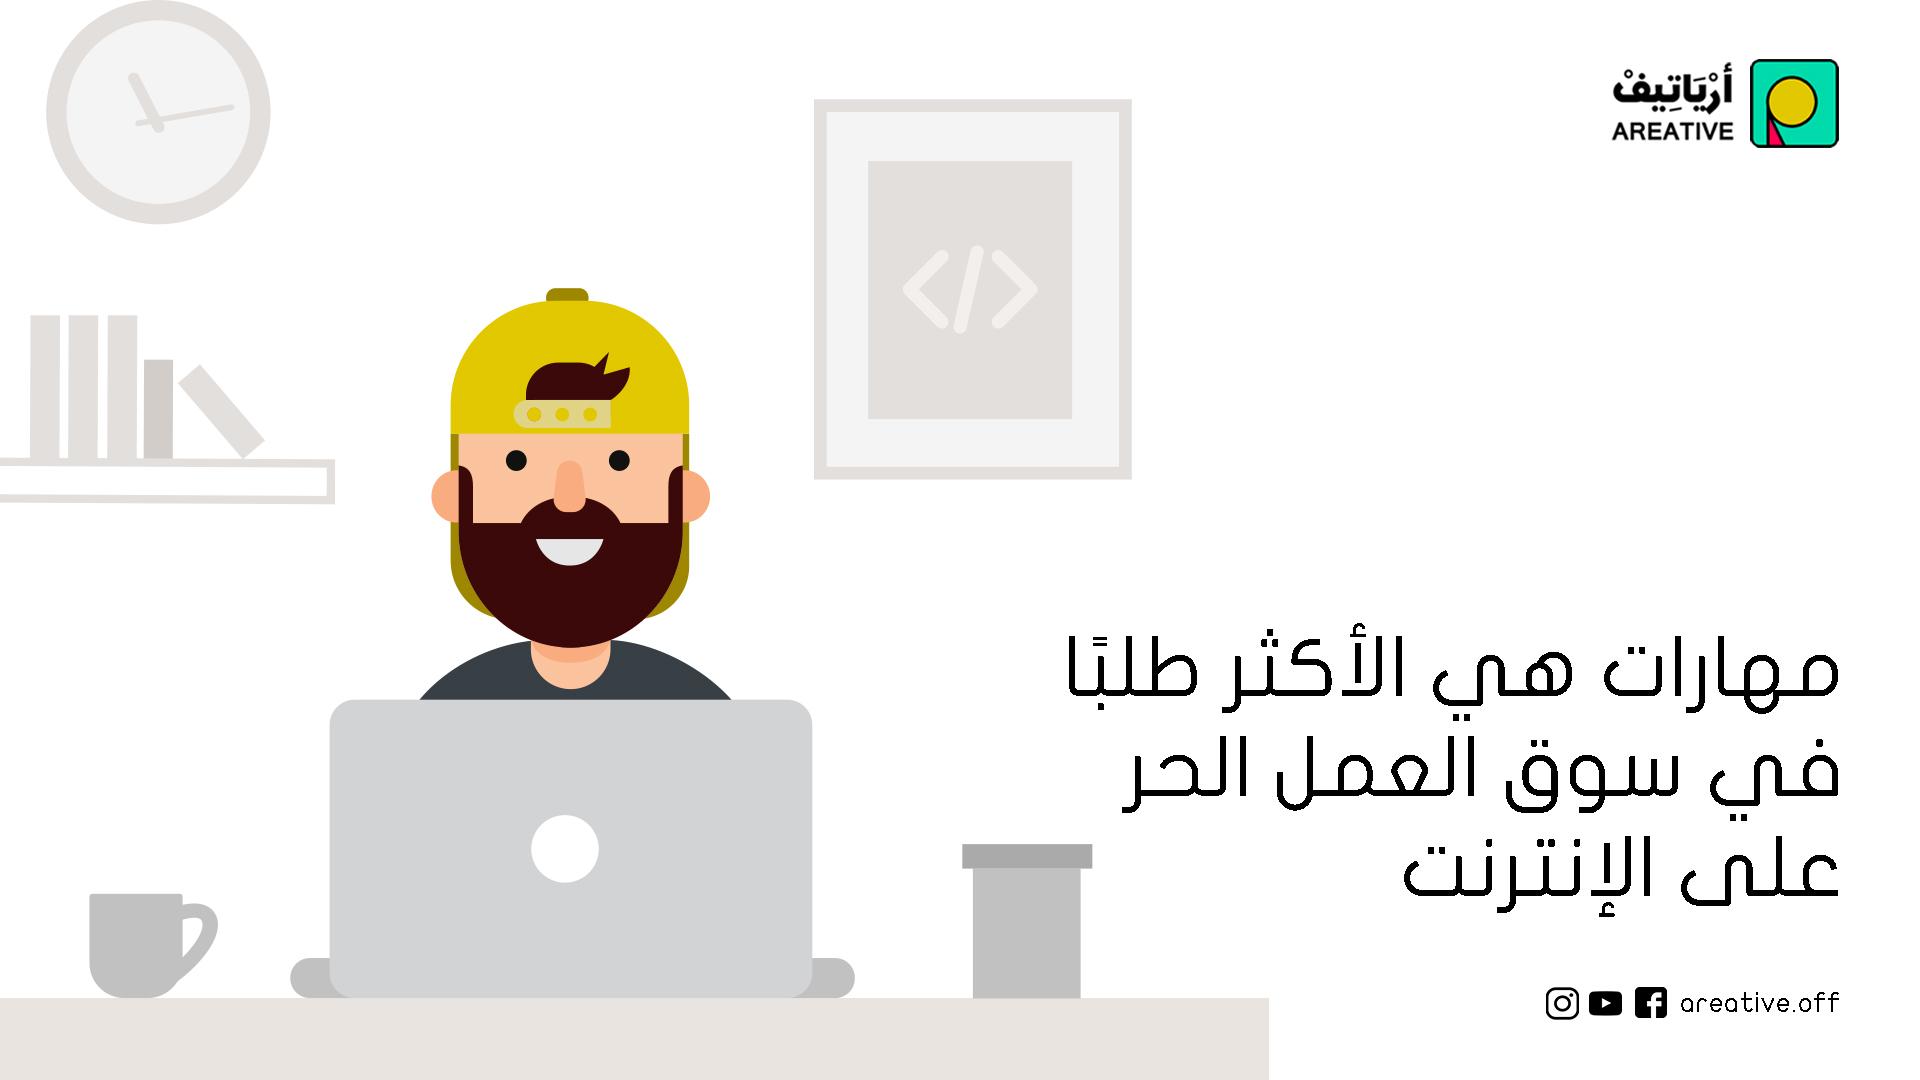 مهارات هي الأكثر طلبًا في سوق العمل الحر على الإنترنت